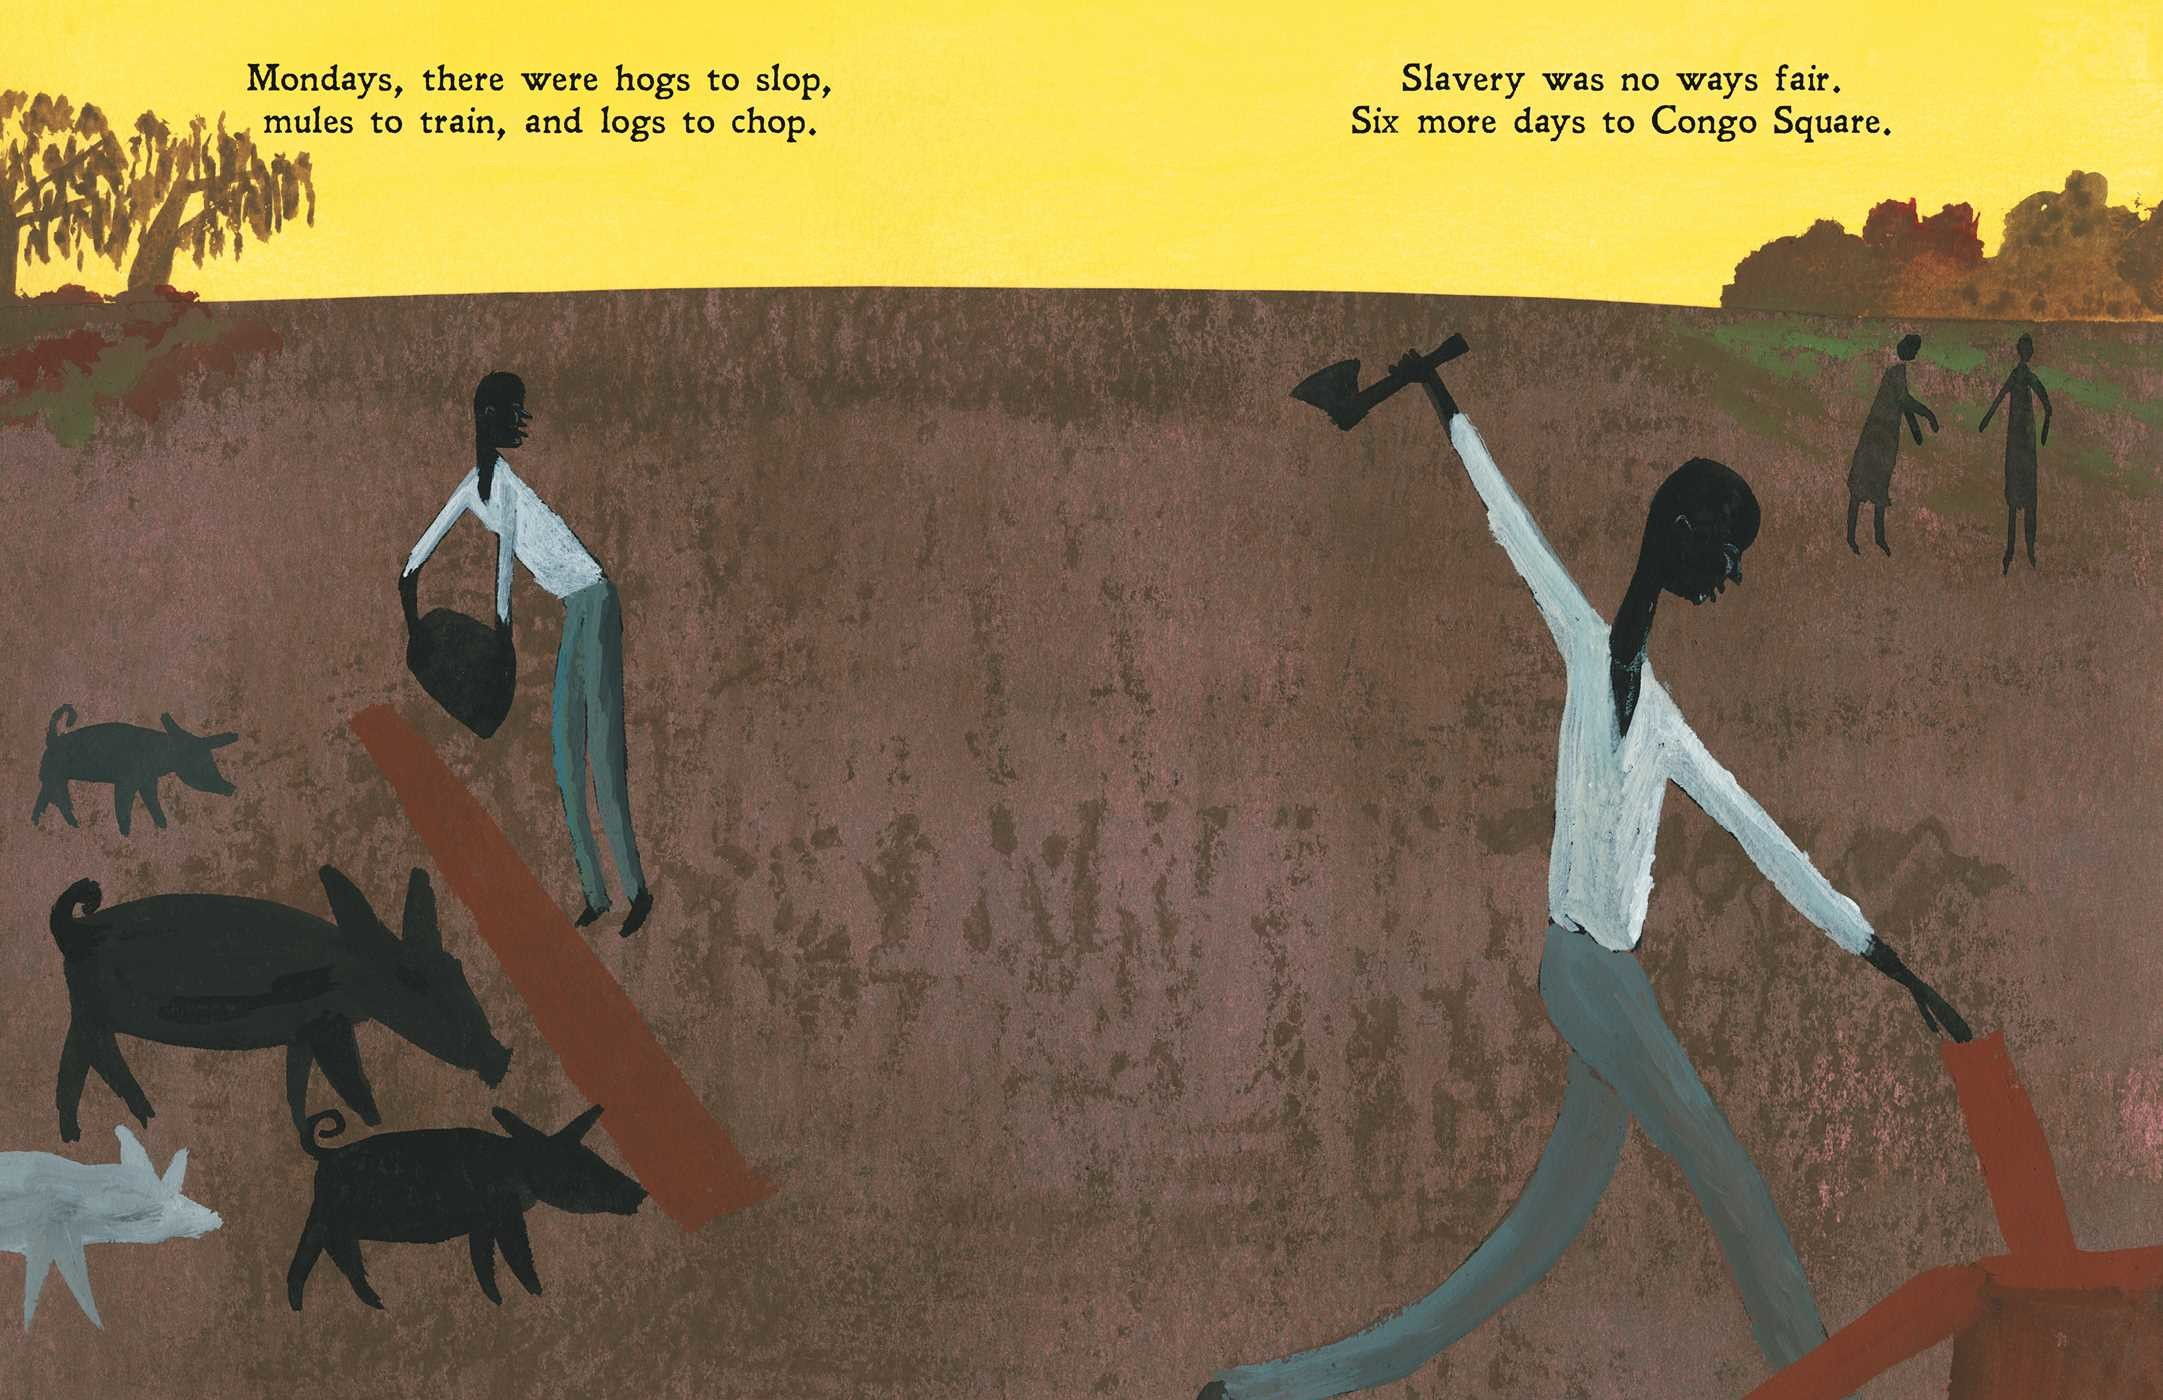 celebrate-picture-books-picture-book-review-freedom-in-congo-square-monday